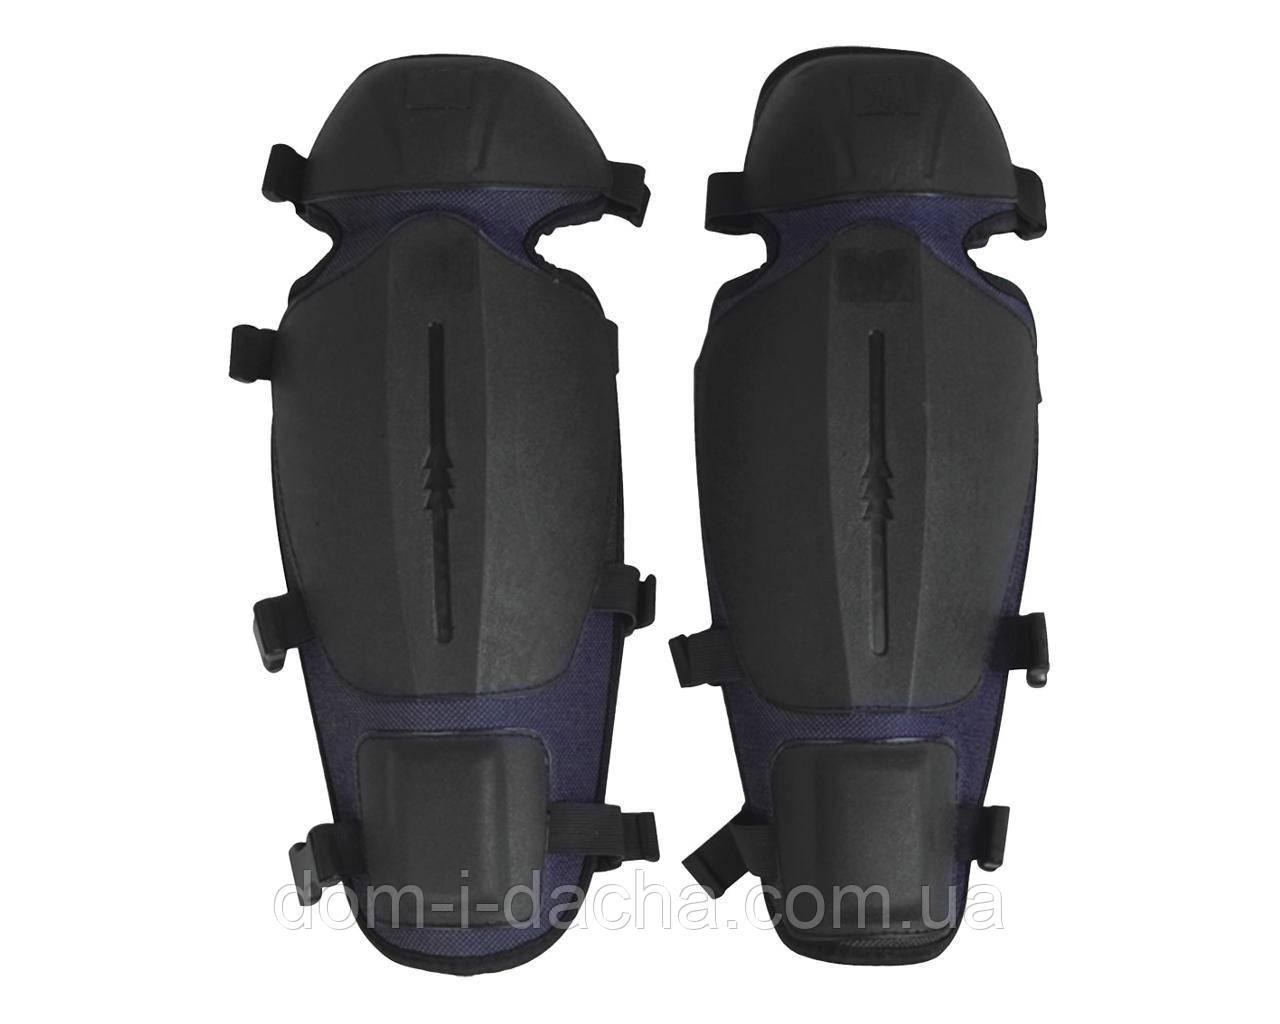 Наколенники строительные покрытие от колена до стопы